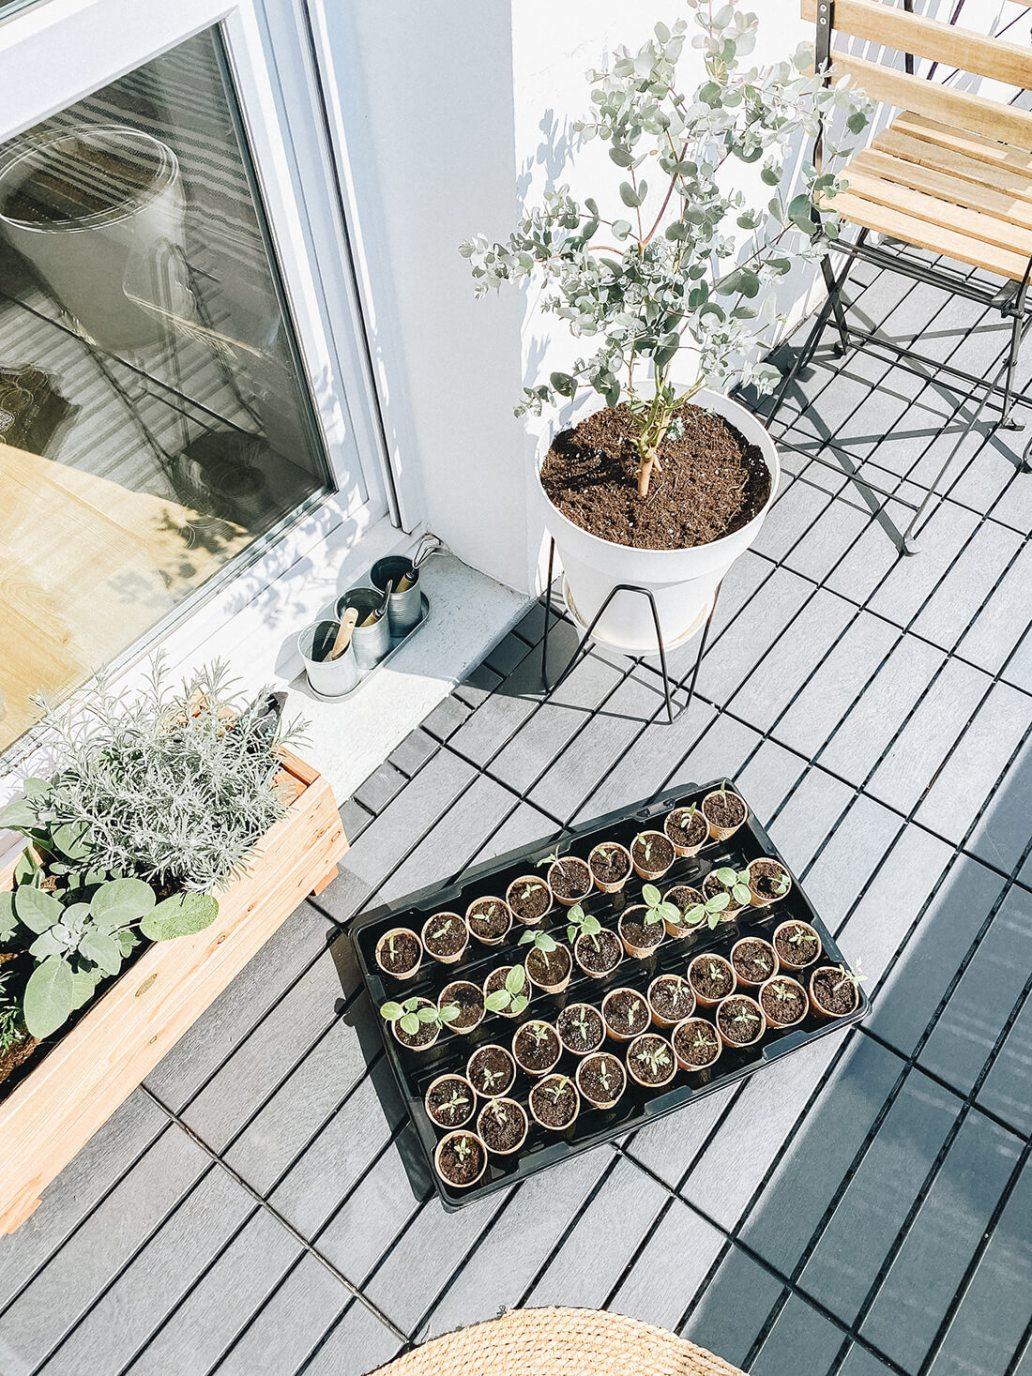 marmille home 2021 4 - Visite privée : découvrez l'appartement Hygge de Marmille